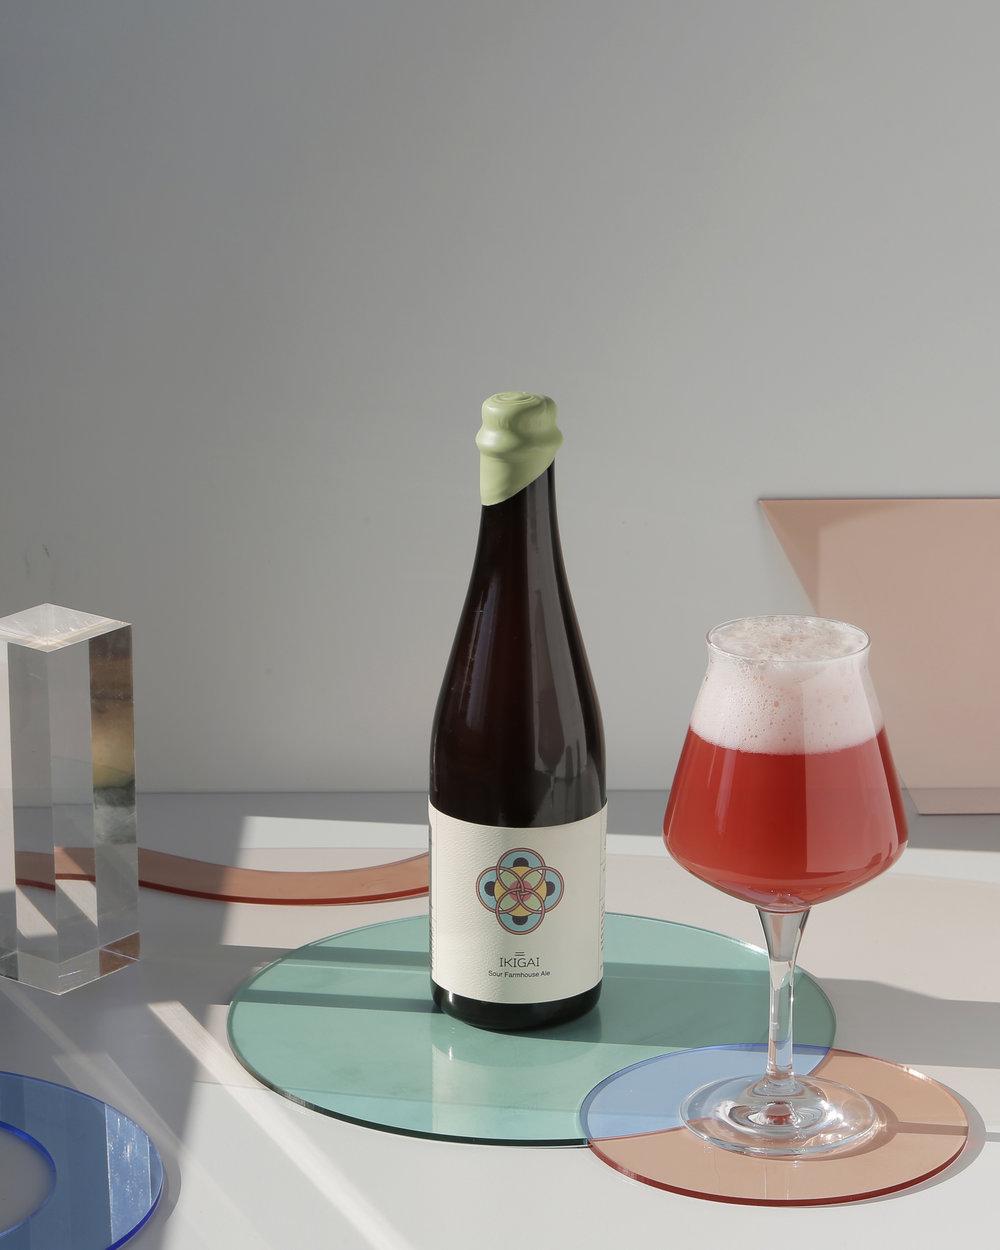 Photo of Ikigai bottle